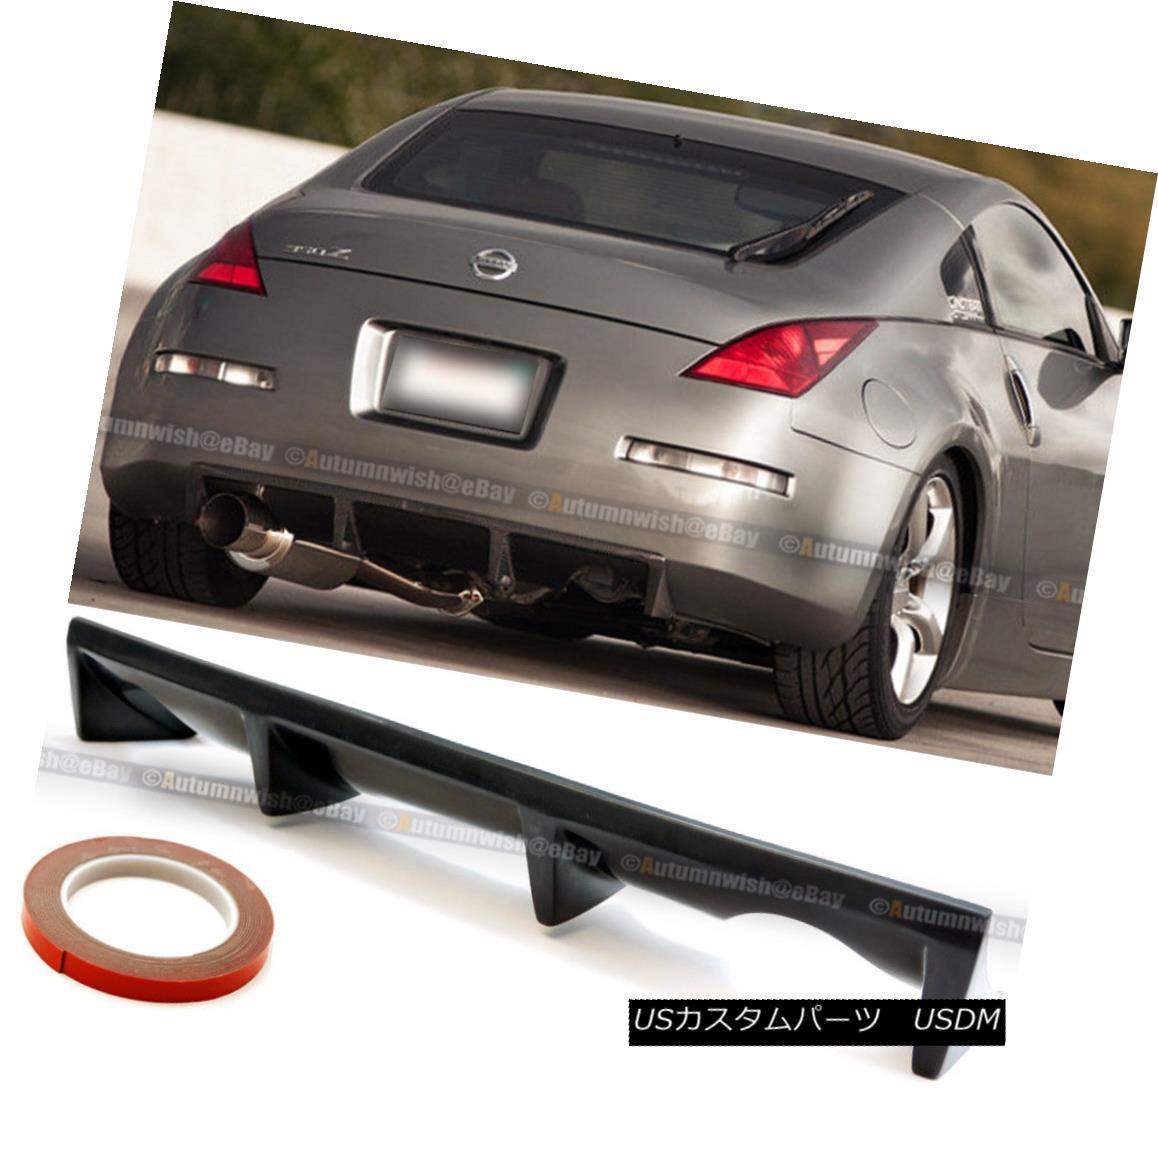 エアロパーツ For 03-07 Nissan 350z Fairlady Z33 J Style Rear Bumper Chin Lip Diffuser Spoiler 03-07日産350zフェアレディZ33 Jスタイルリア・バンパーチン・リップ・ディフューザー・スポイラー